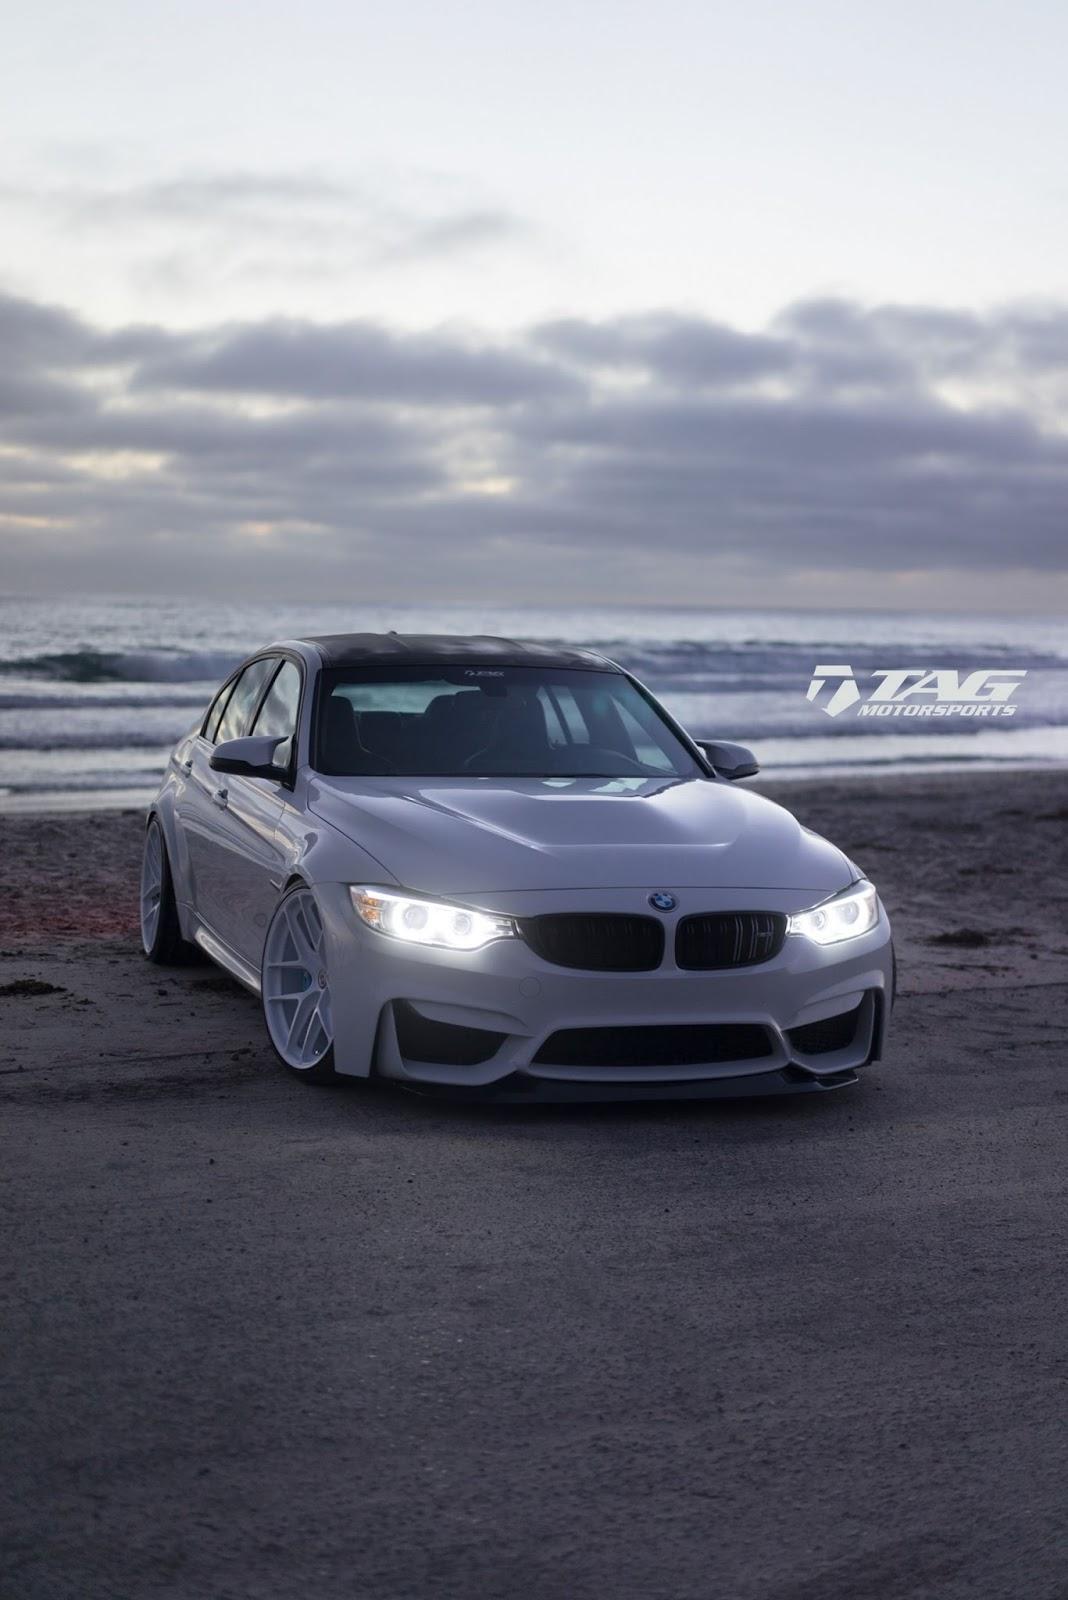 BMW M3 TAG Motorsports - BMW M3 TAG Motorsports